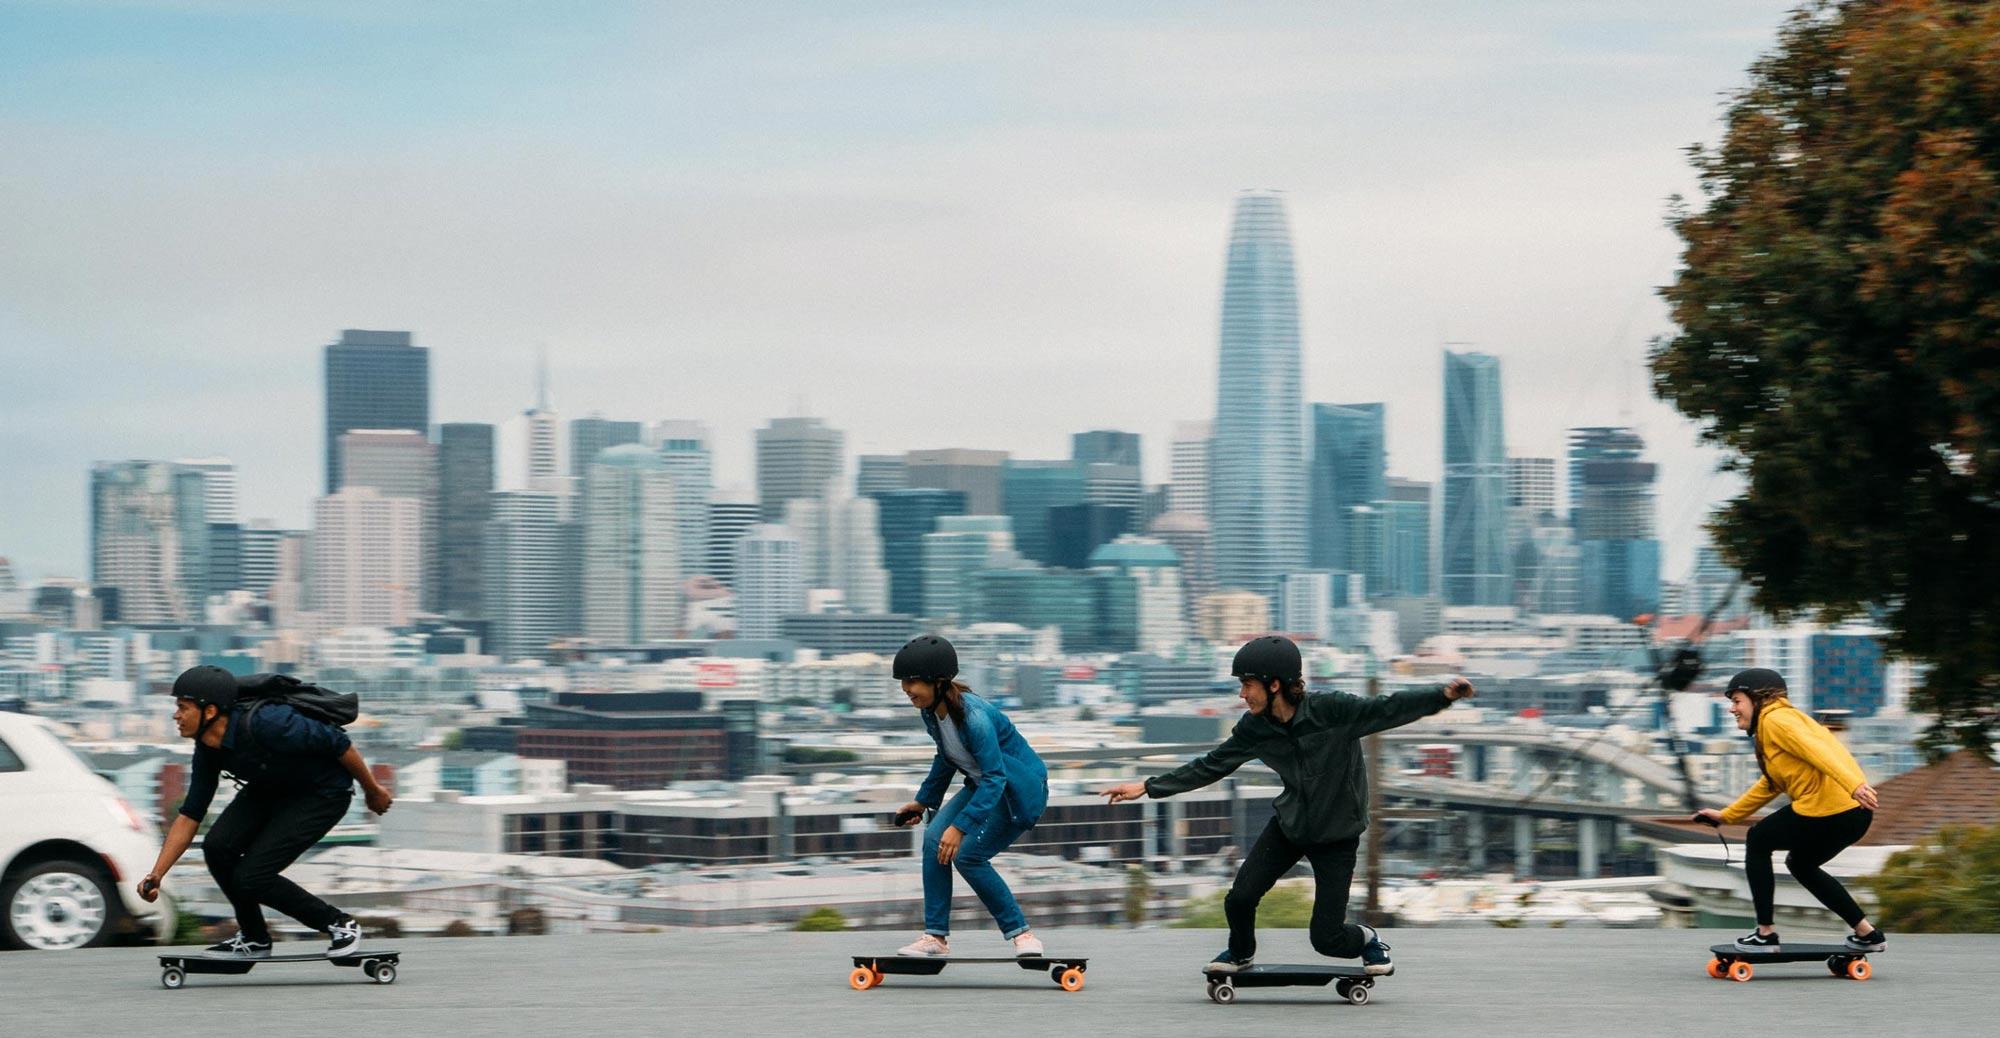 Skateboard électrique : comment choisir sa planche ?